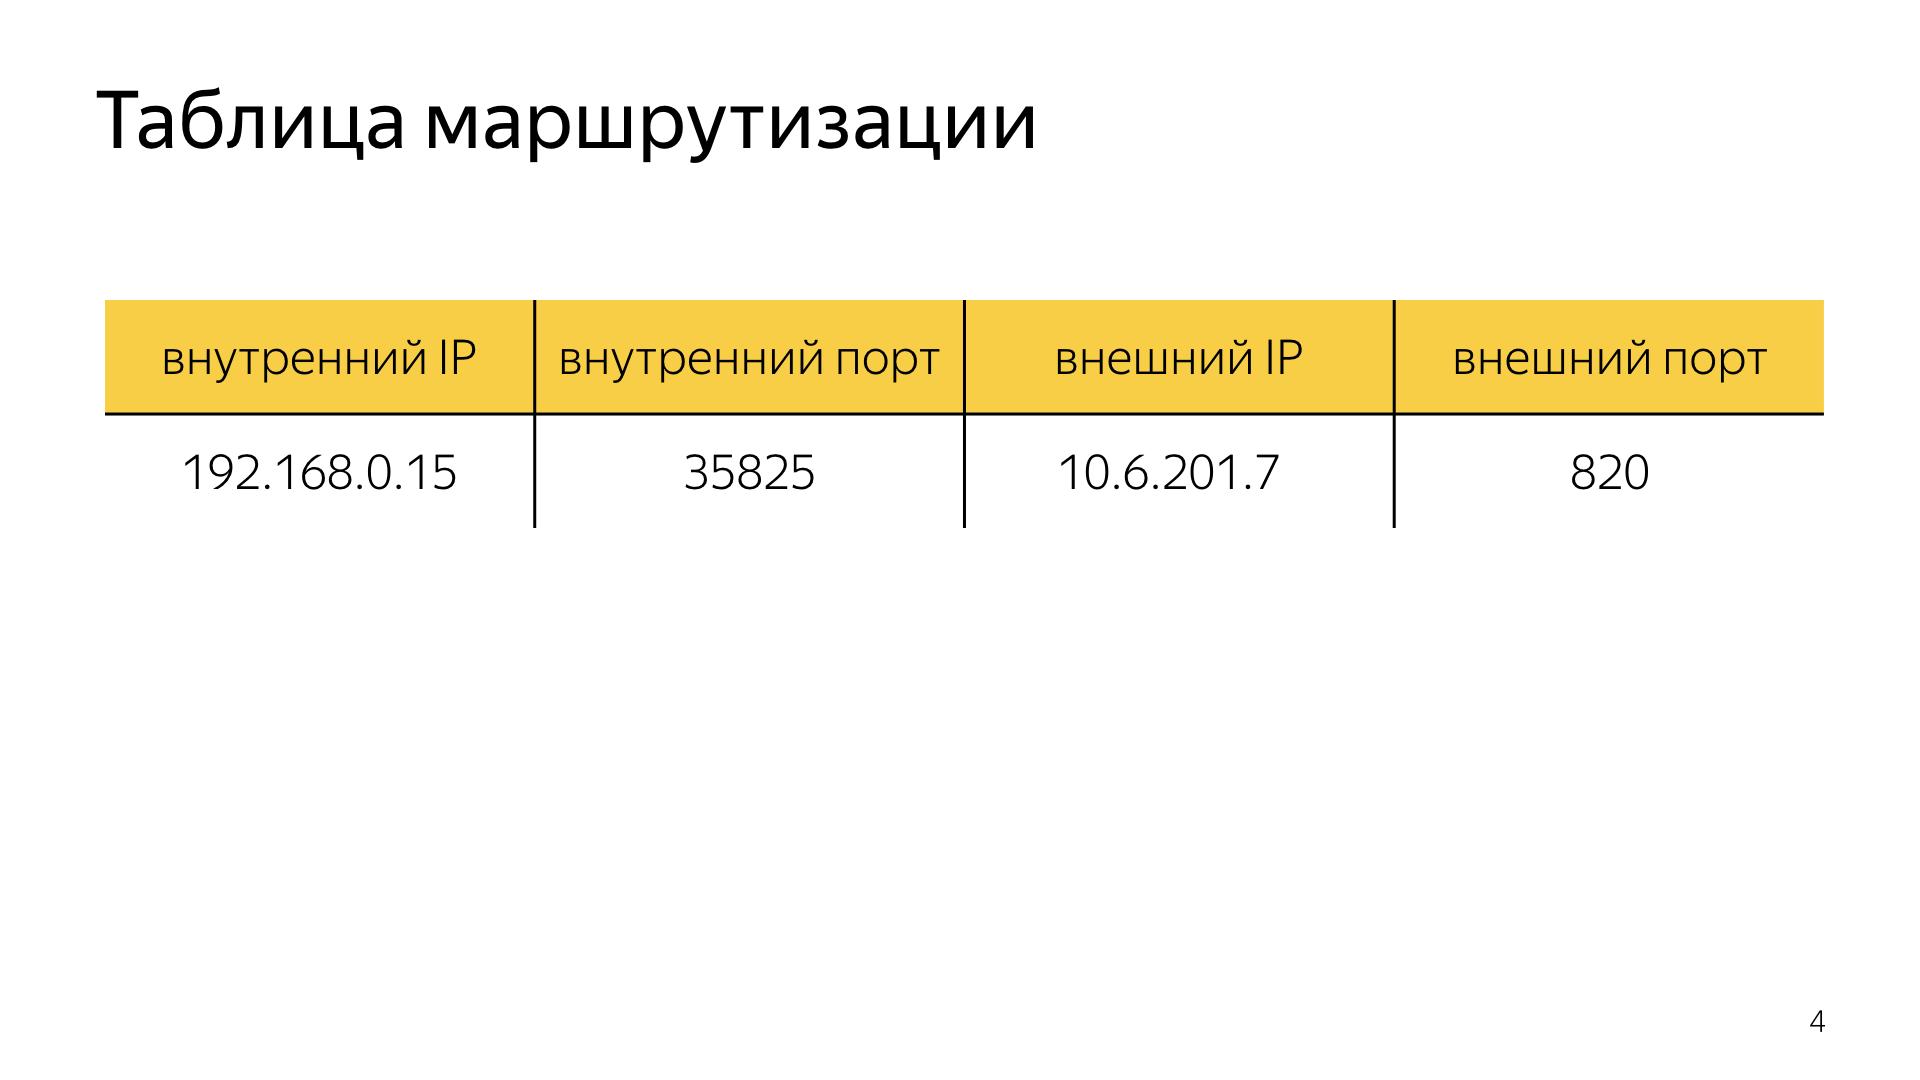 Опыт использования WebRTC. Лекция Яндекса - 4